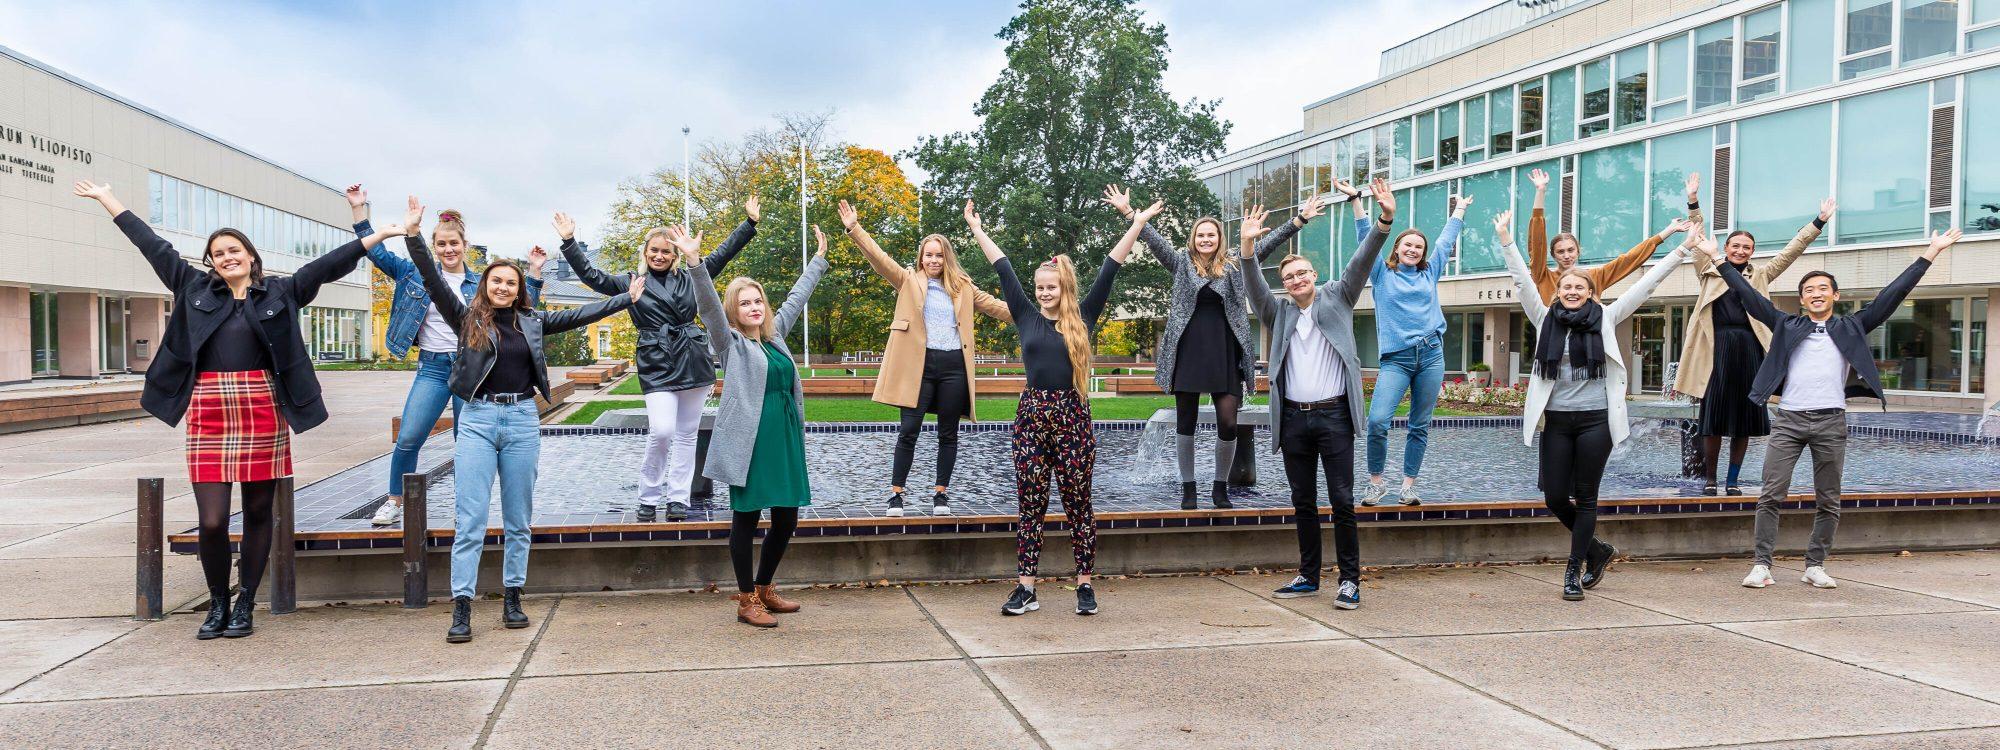 Opiskelijalähettiläät hyppäävät ilmaan Turun yliopistonmäellä suihkulähteen edessä.